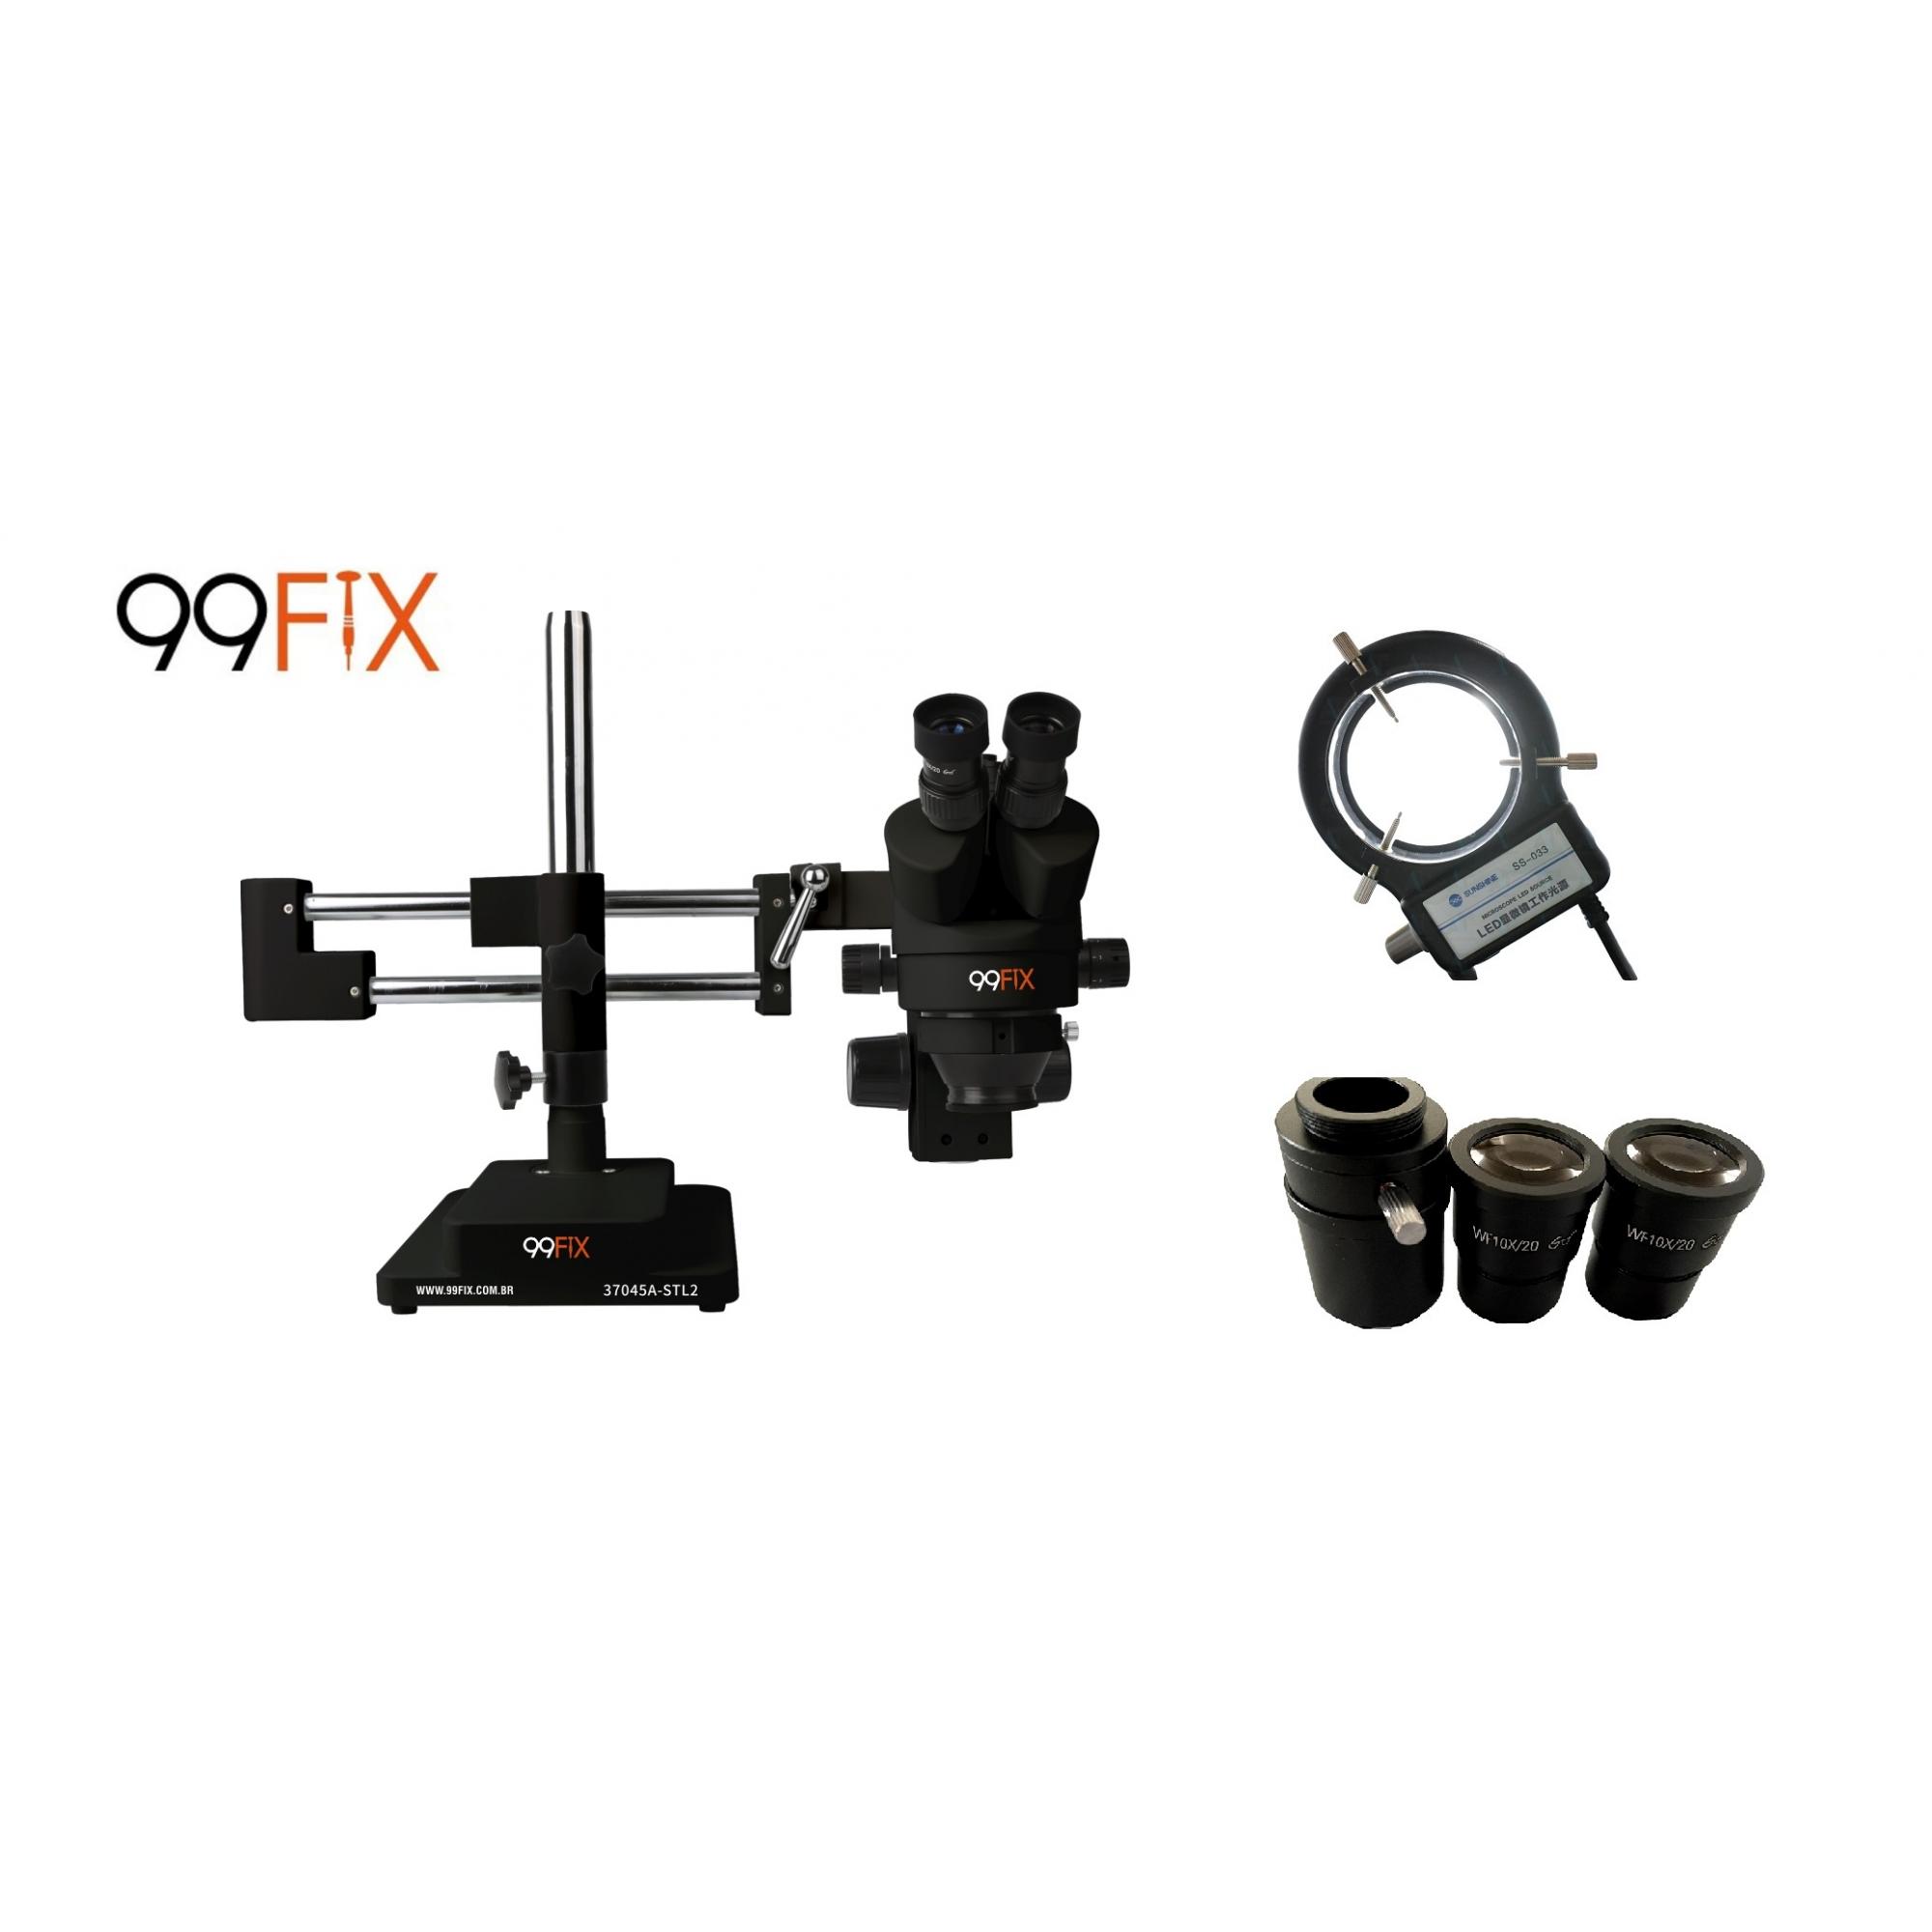 99FIX / Kaisi  37045a-stl2  Microscópio Estereoscópico Trinocular Preto Simul-focal com  luminária LED